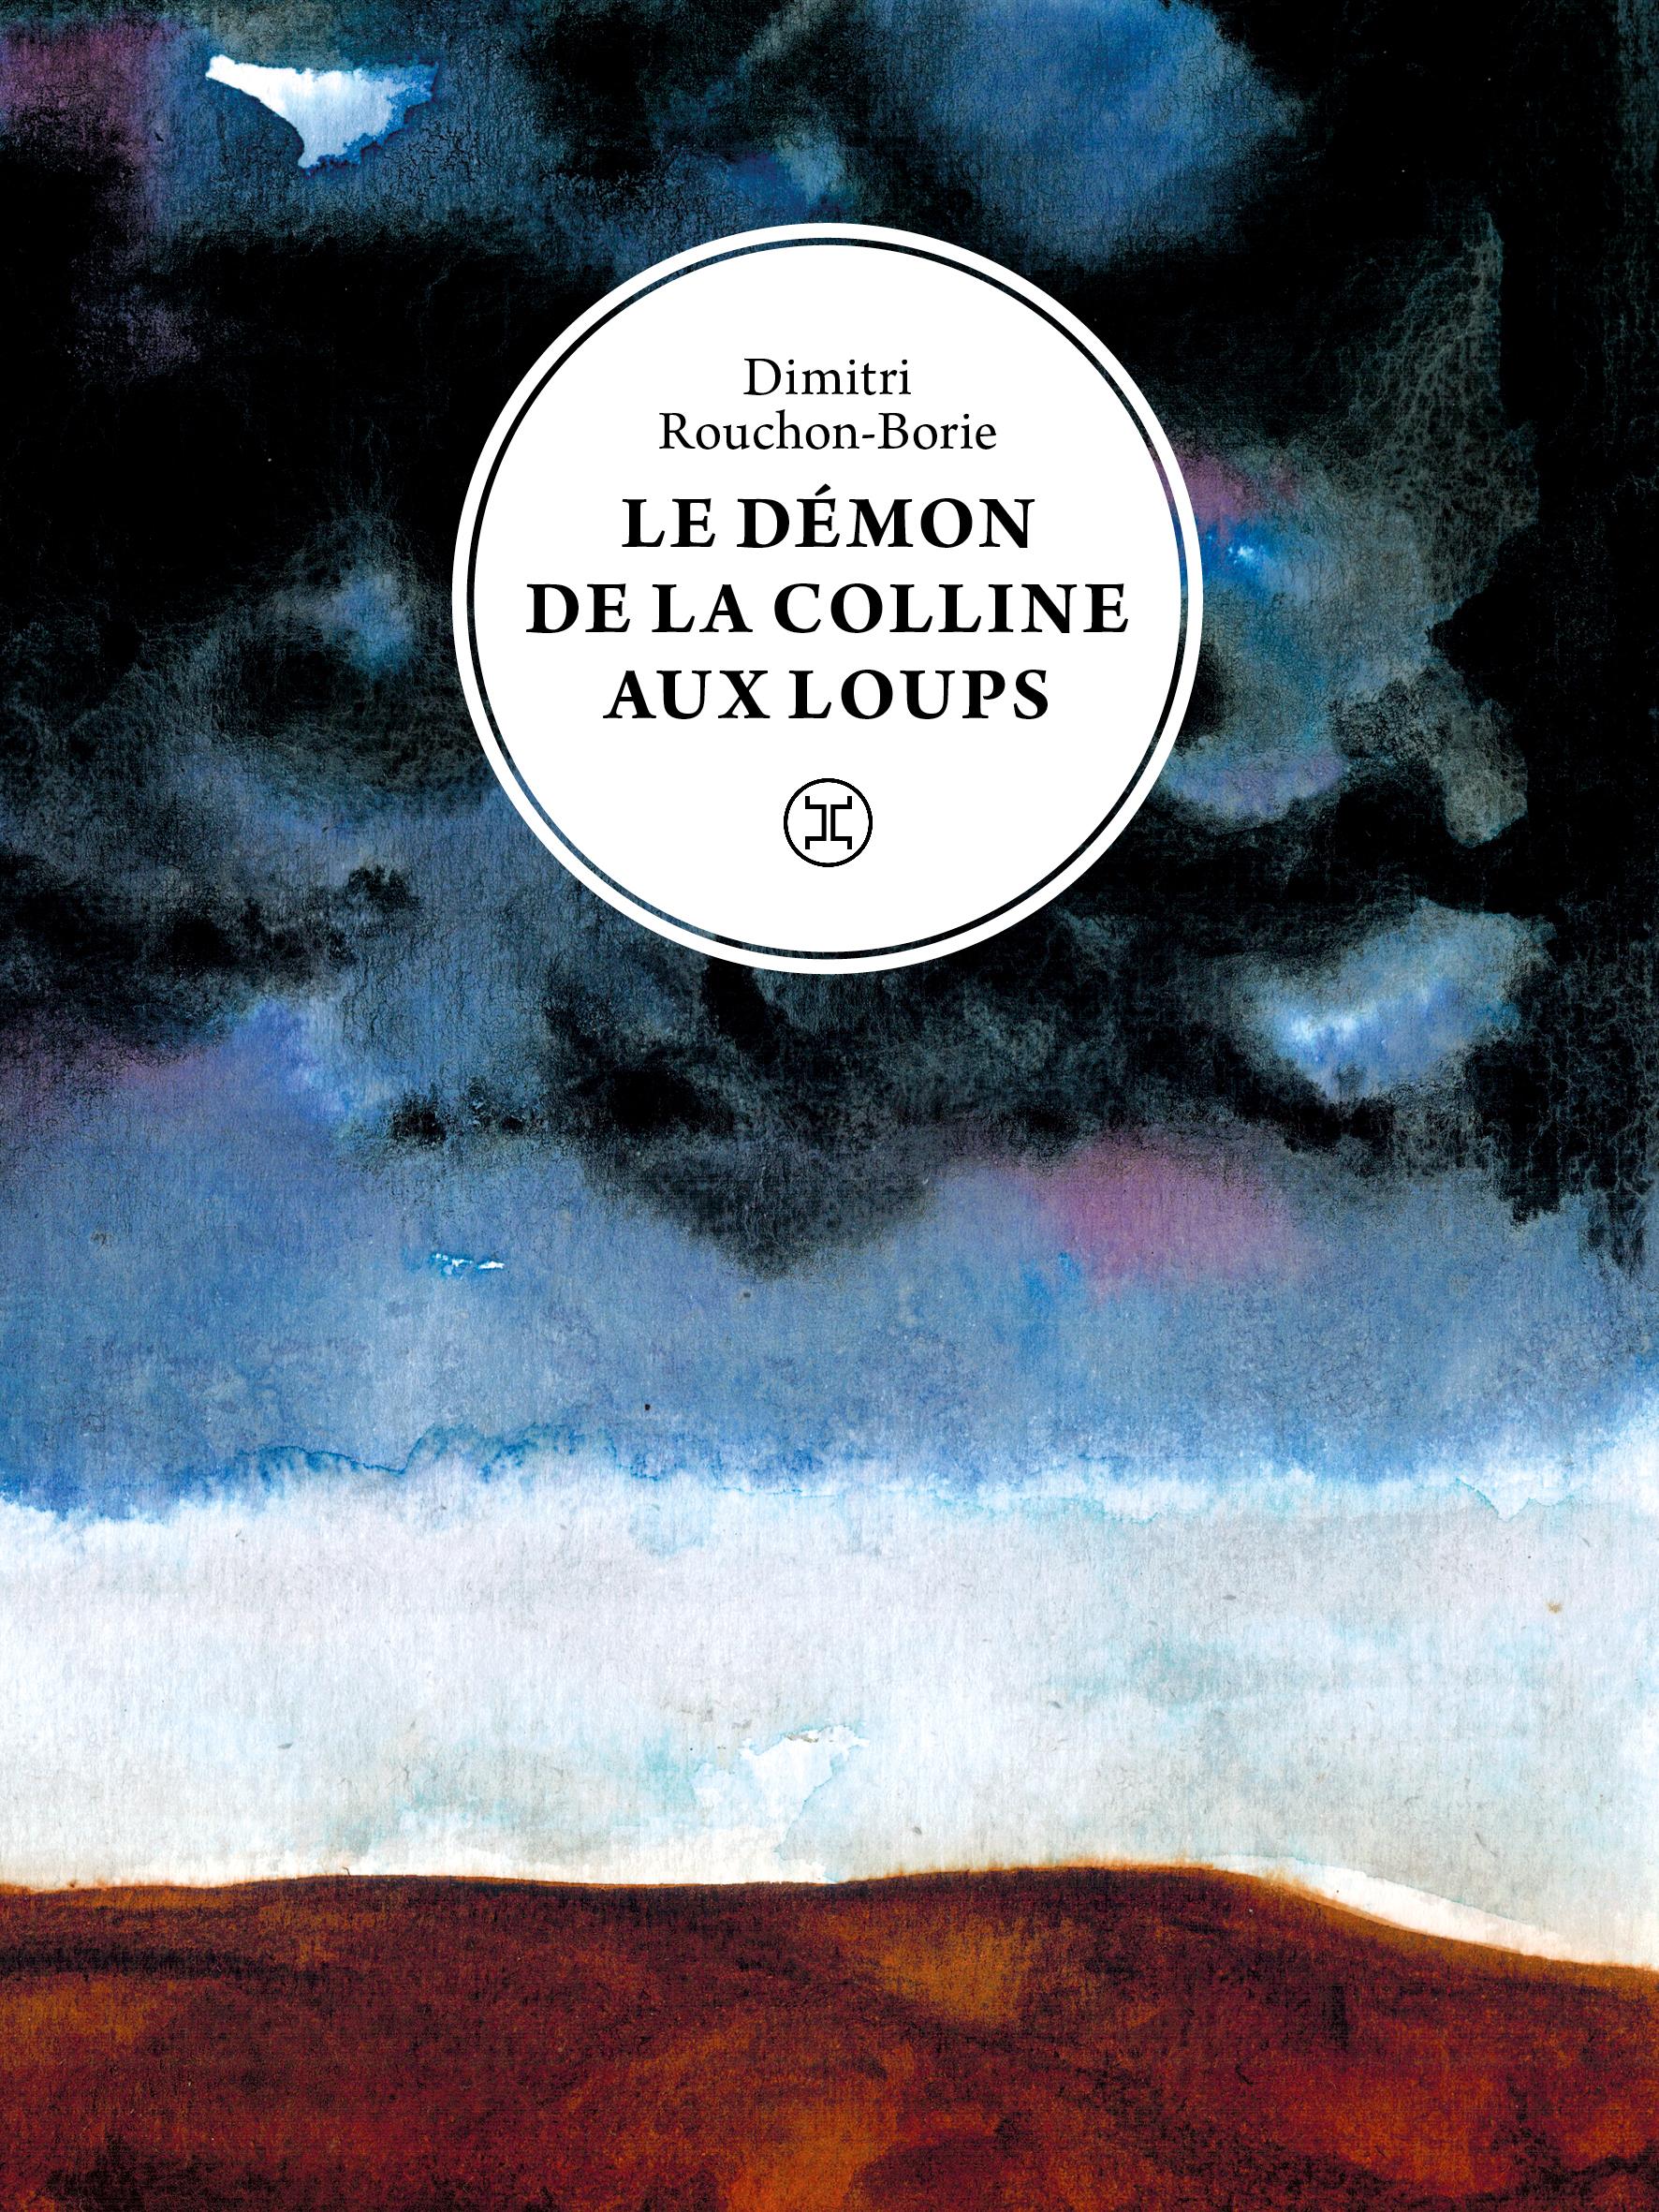 Le démon de la colline aux loups : Dimitri Rouchon-Borie